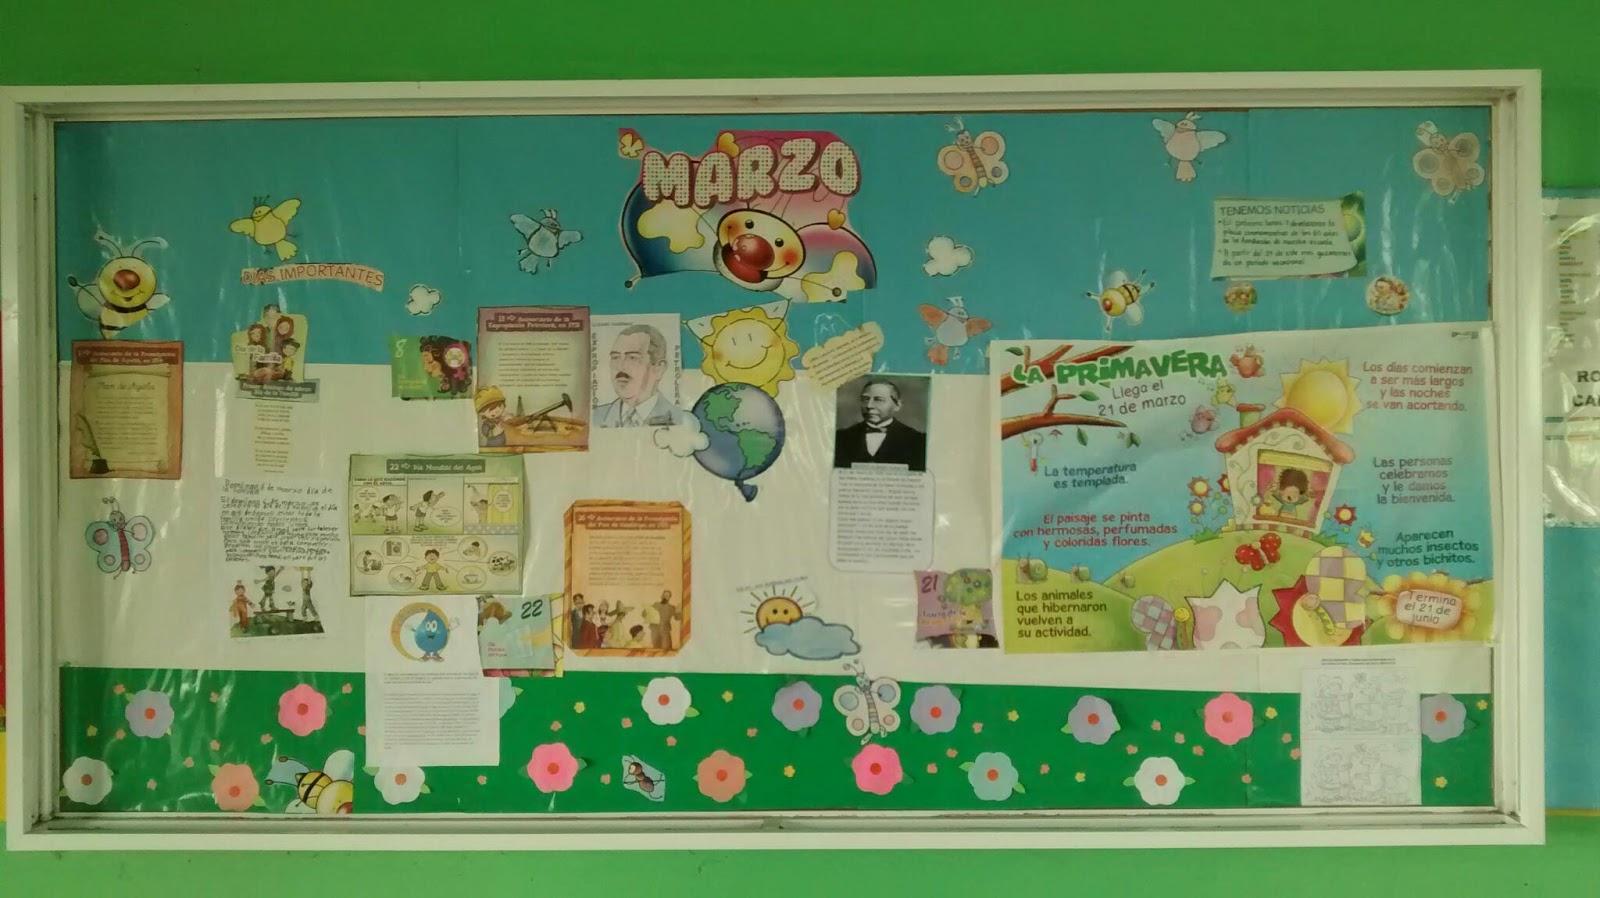 Escuela primaria nicol s bravo nuestro peri dico mural for El mural aviso de ocasion